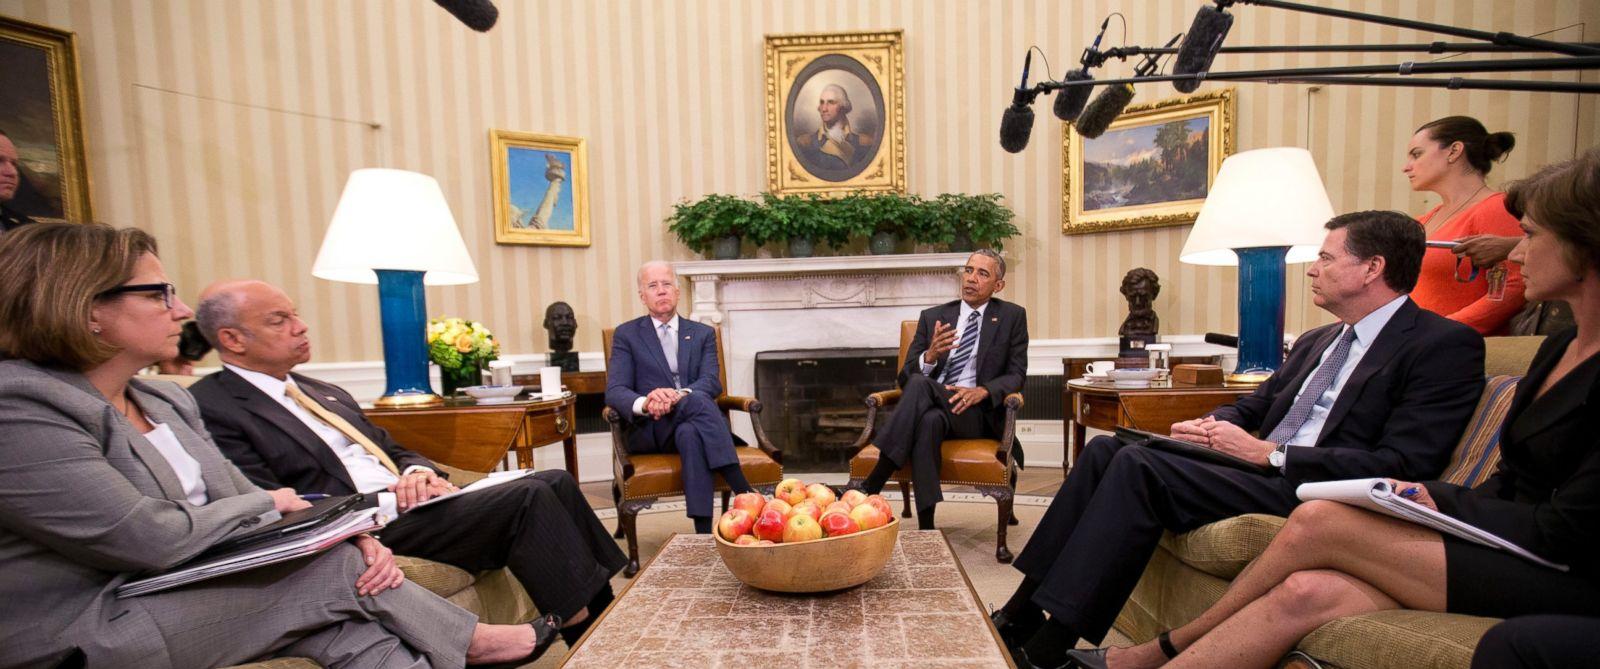 Obama habla del control de armas en EEUU - Blog Ciudad del Infinito